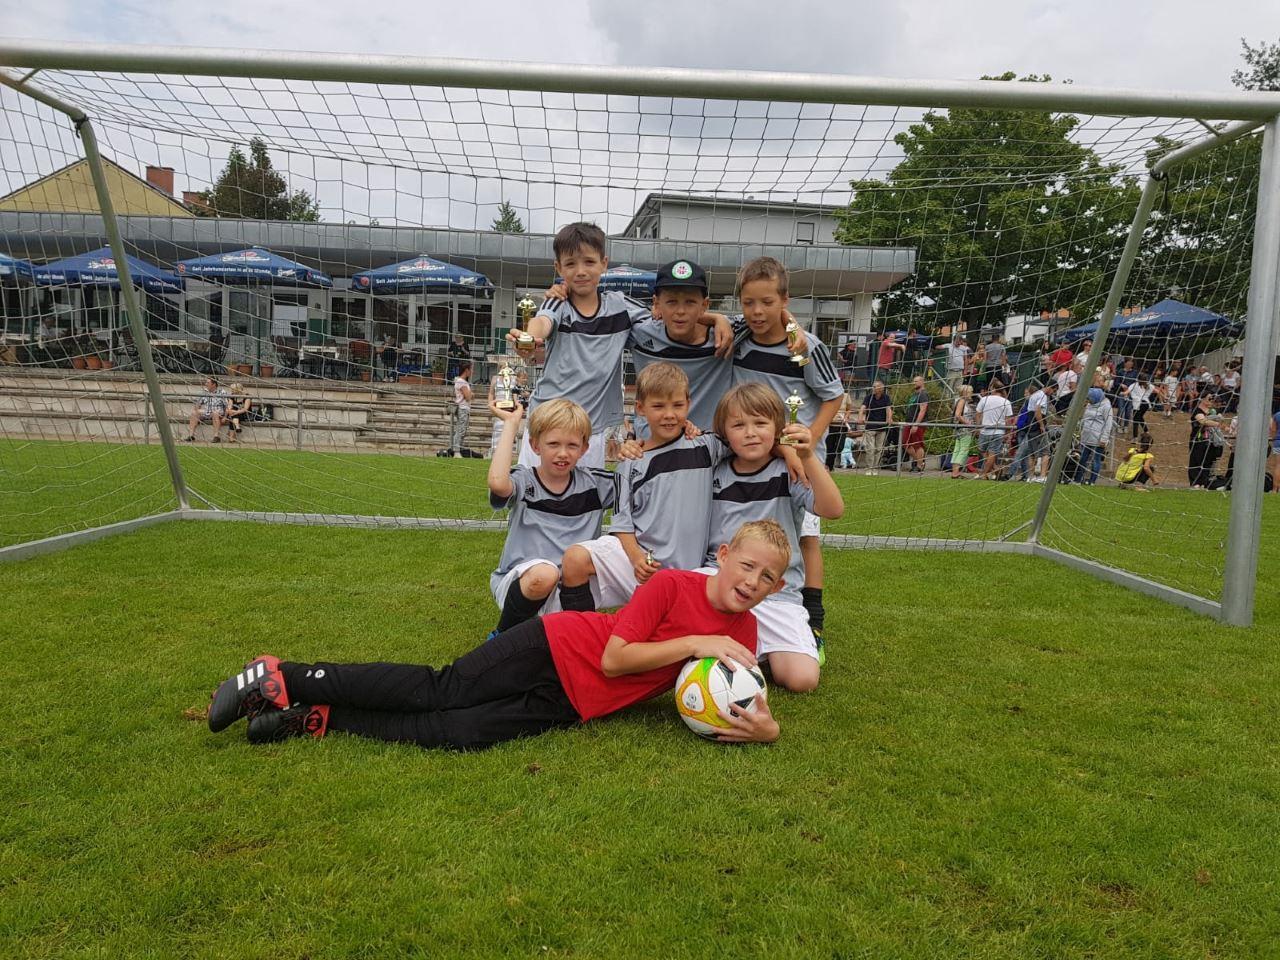 TV Schweinheim Fußballjugend beim Sommer-Cup 2018 in Strietwald